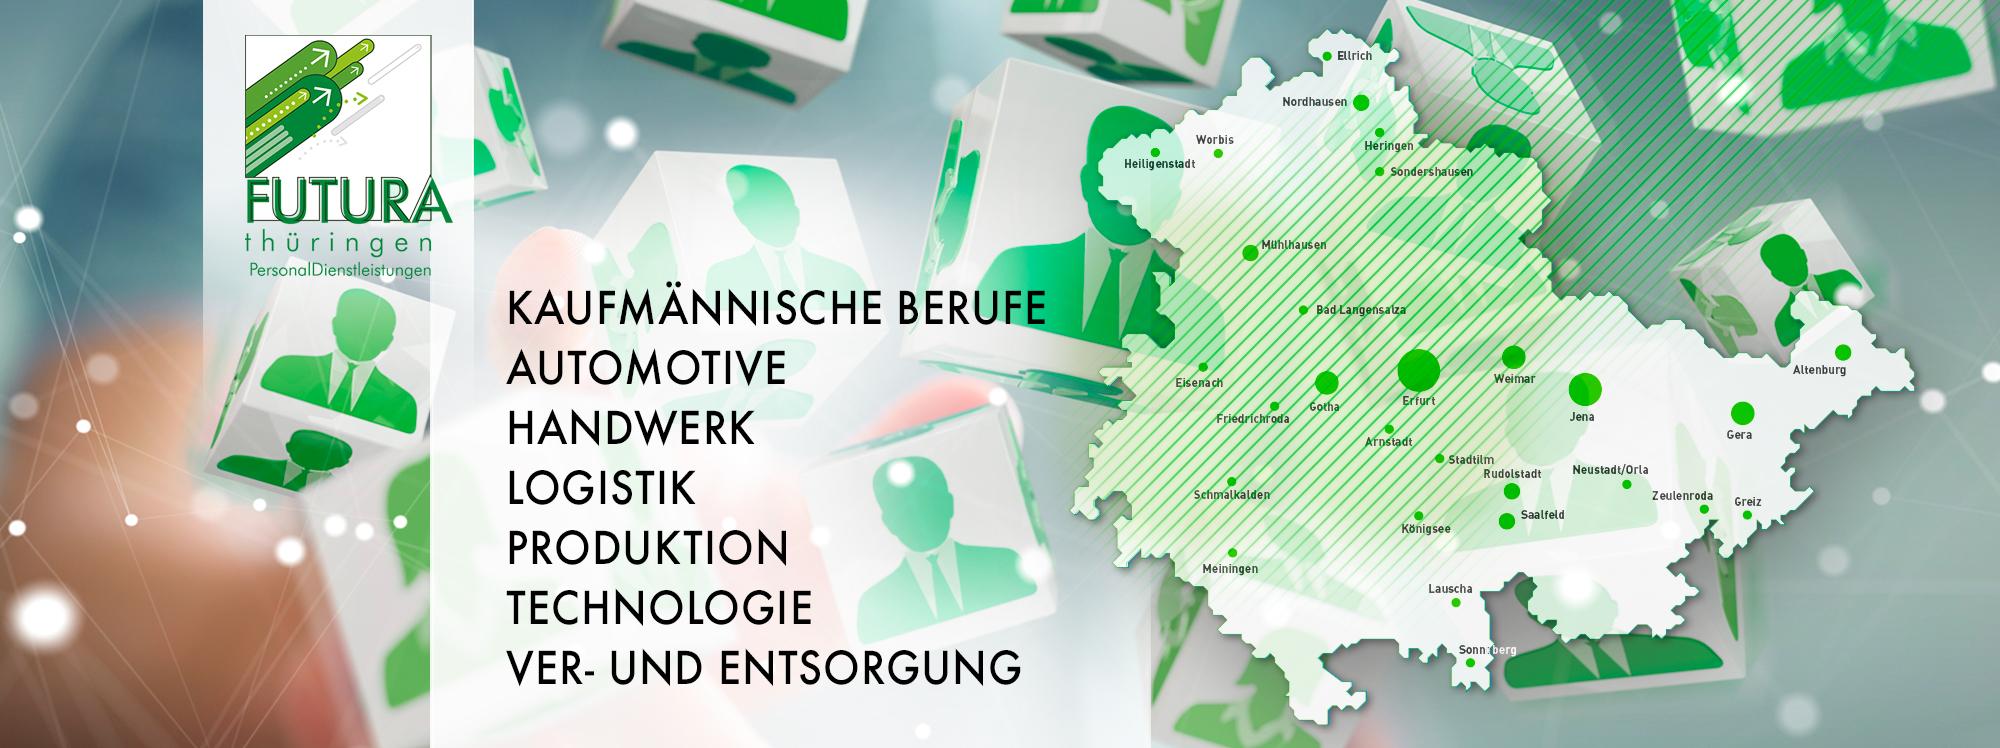 Futura Thüringen